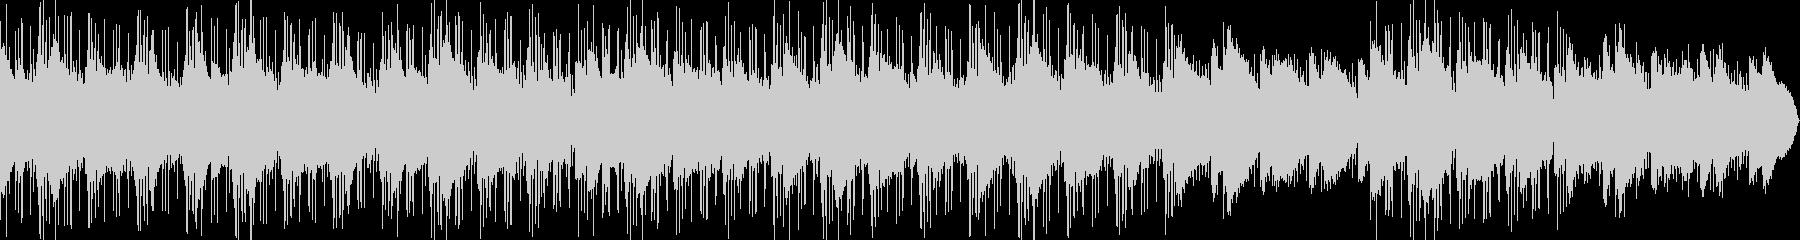 大人な雰囲気のchilloutの未再生の波形